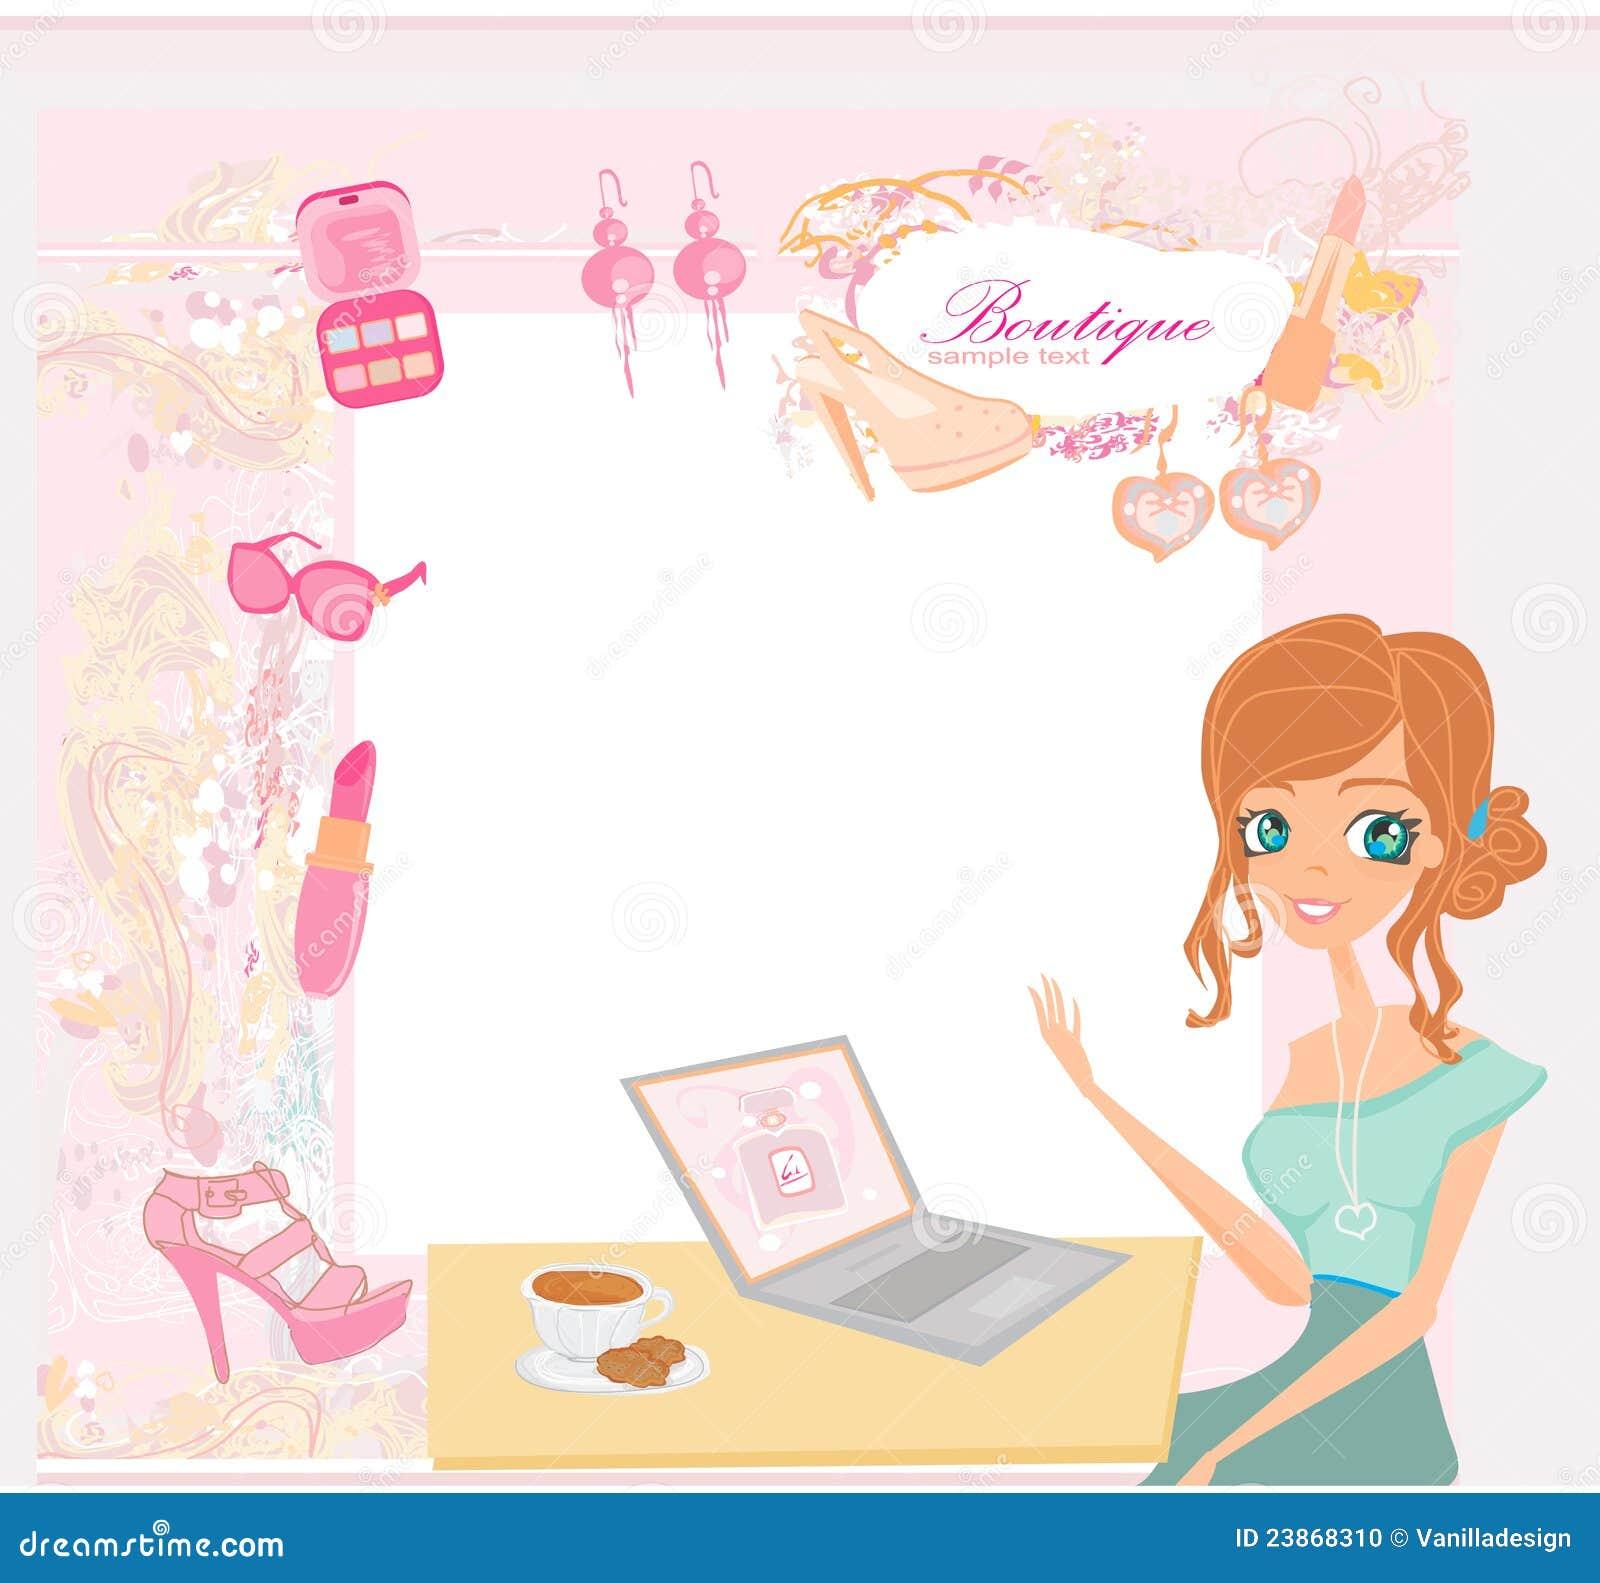 Purchasing essays online